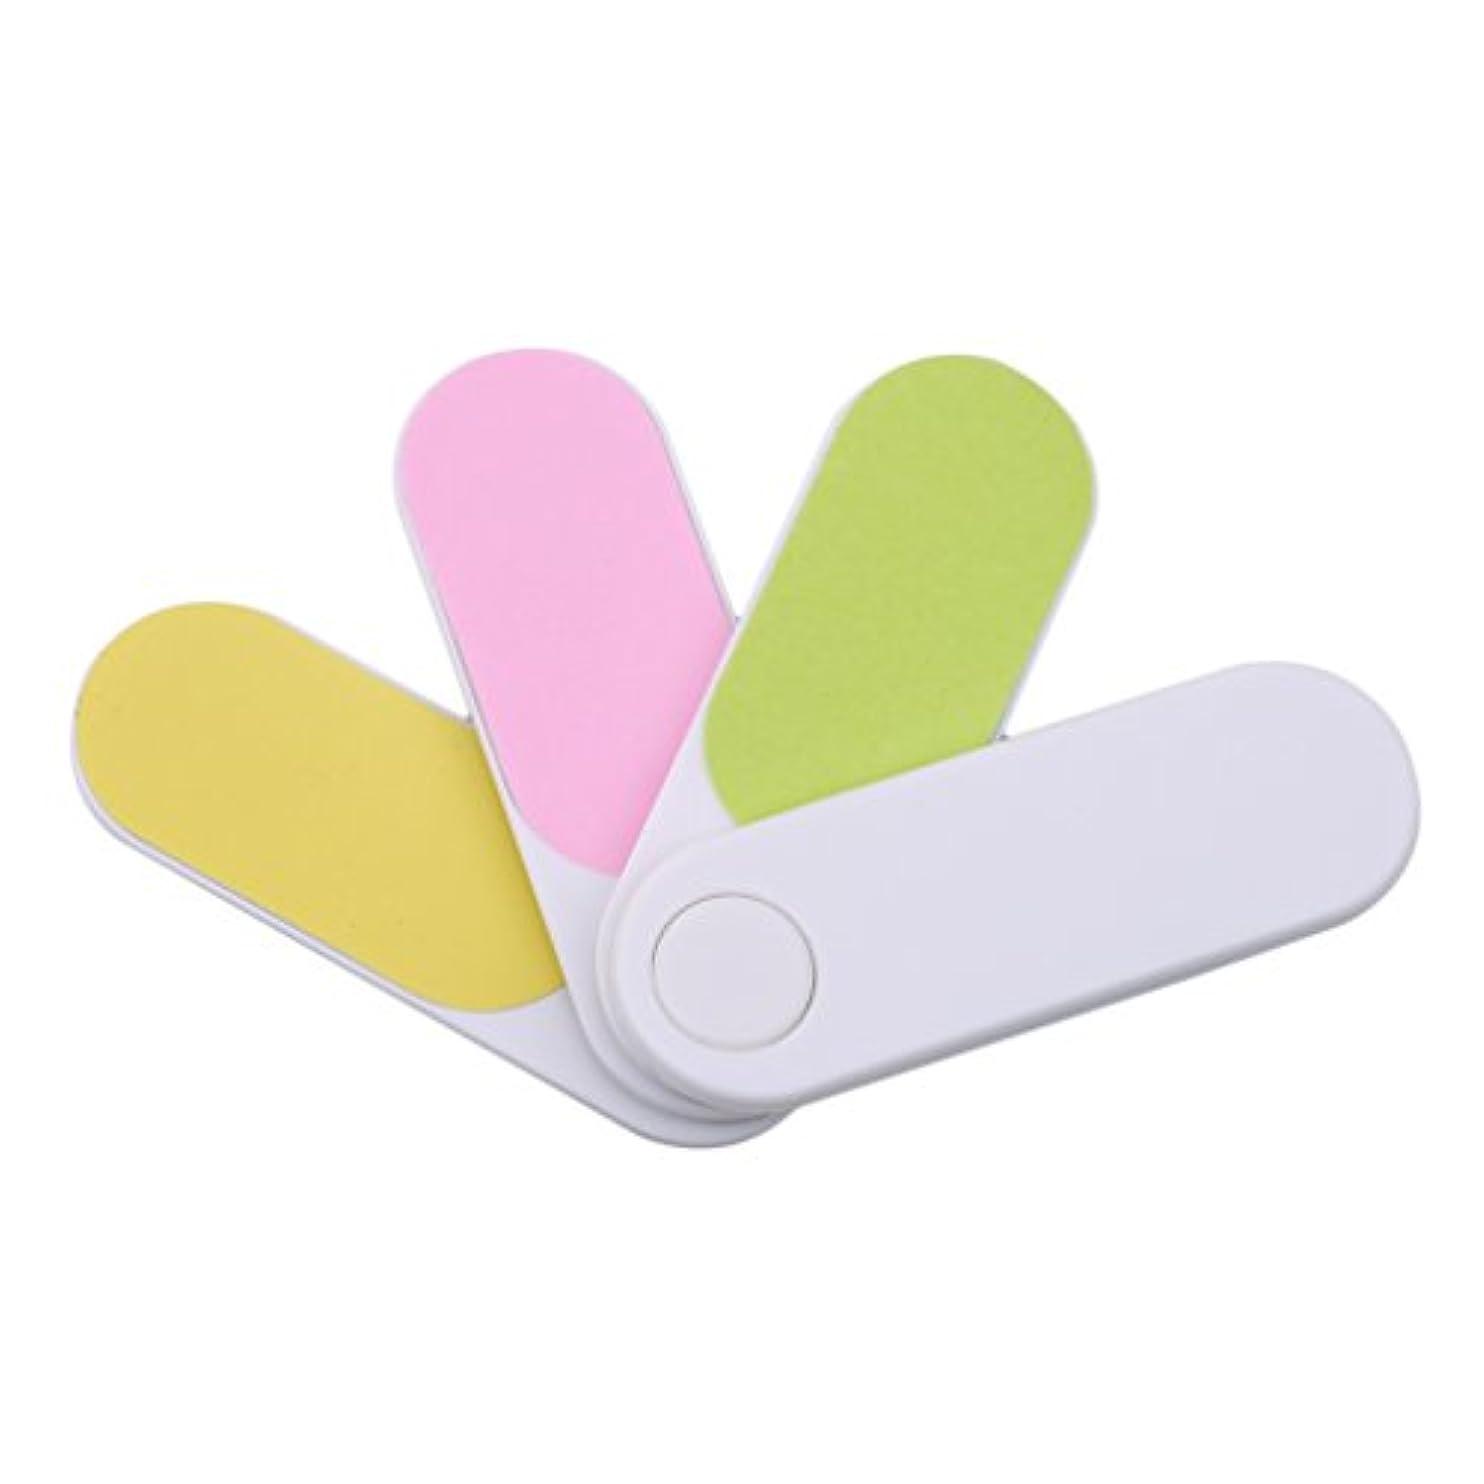 噂反発悲しいことにHKUN 爪やすり 爪磨き ネイルケア プラスチック製 ミニサイズ